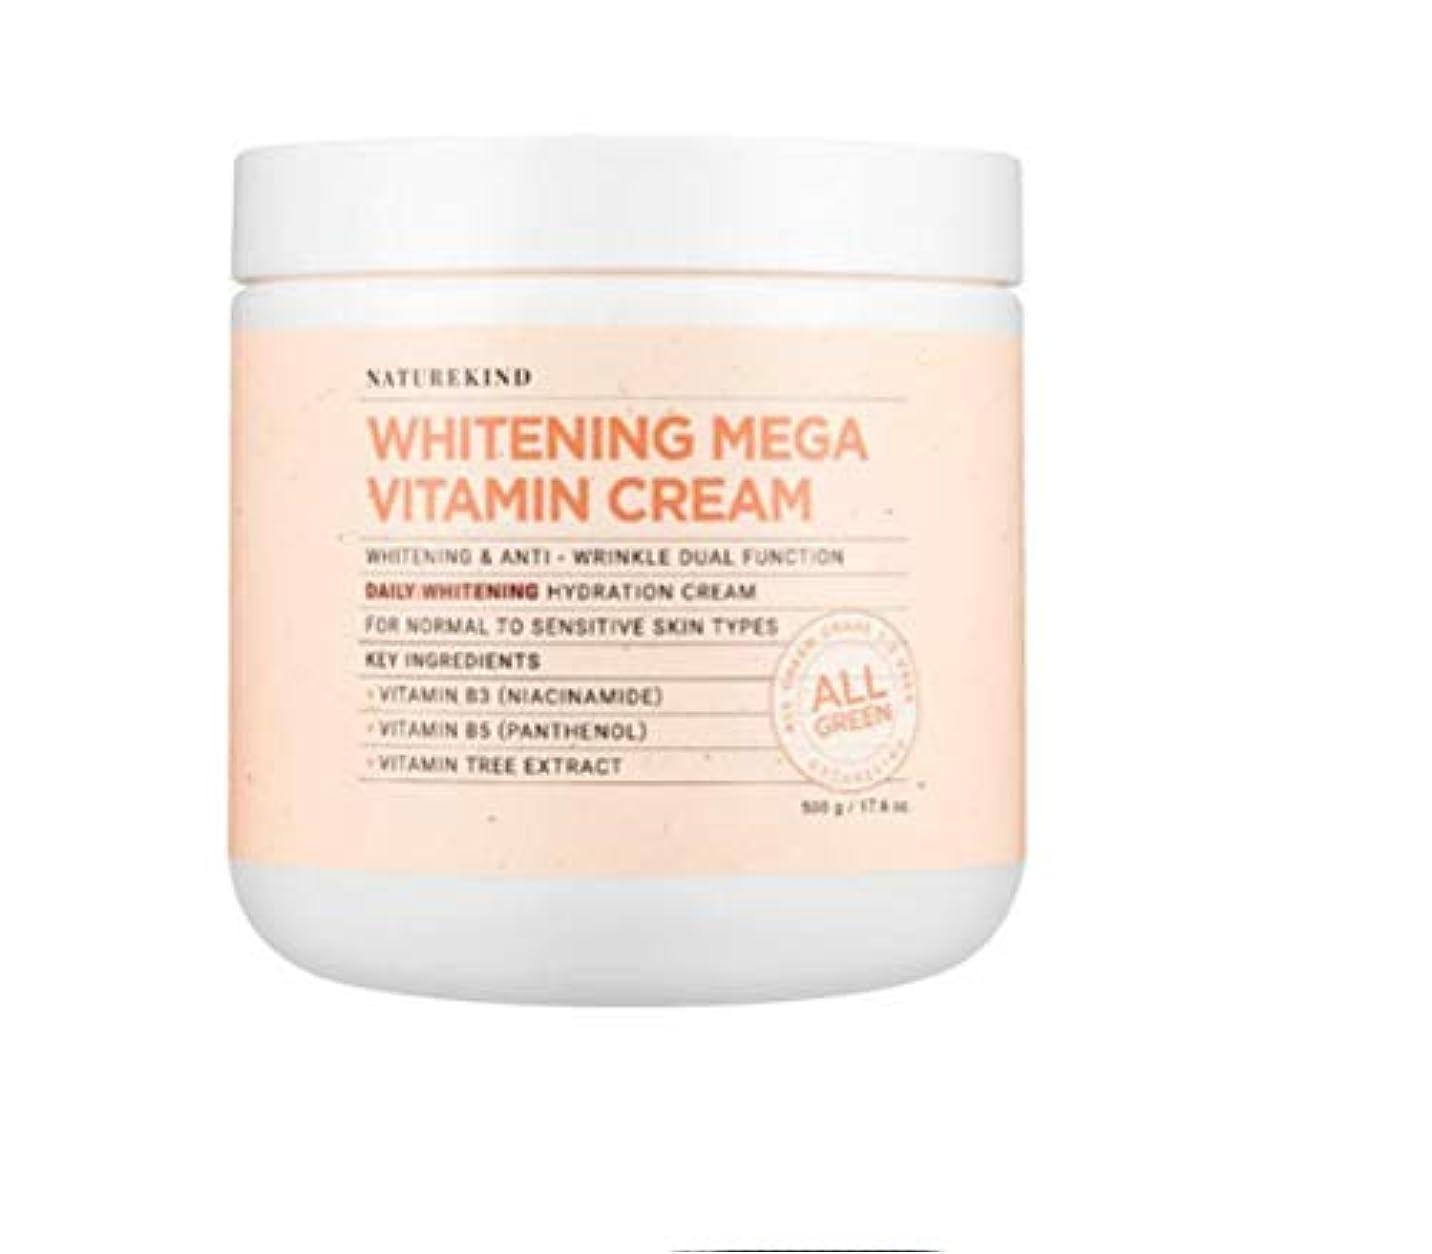 流行浮く公平NATUREKIND MEGA VITAMIN CREAM ネイチャーカインド高濃縮ビタミン水分保湿クリーム大容量500g(並行輸入品)